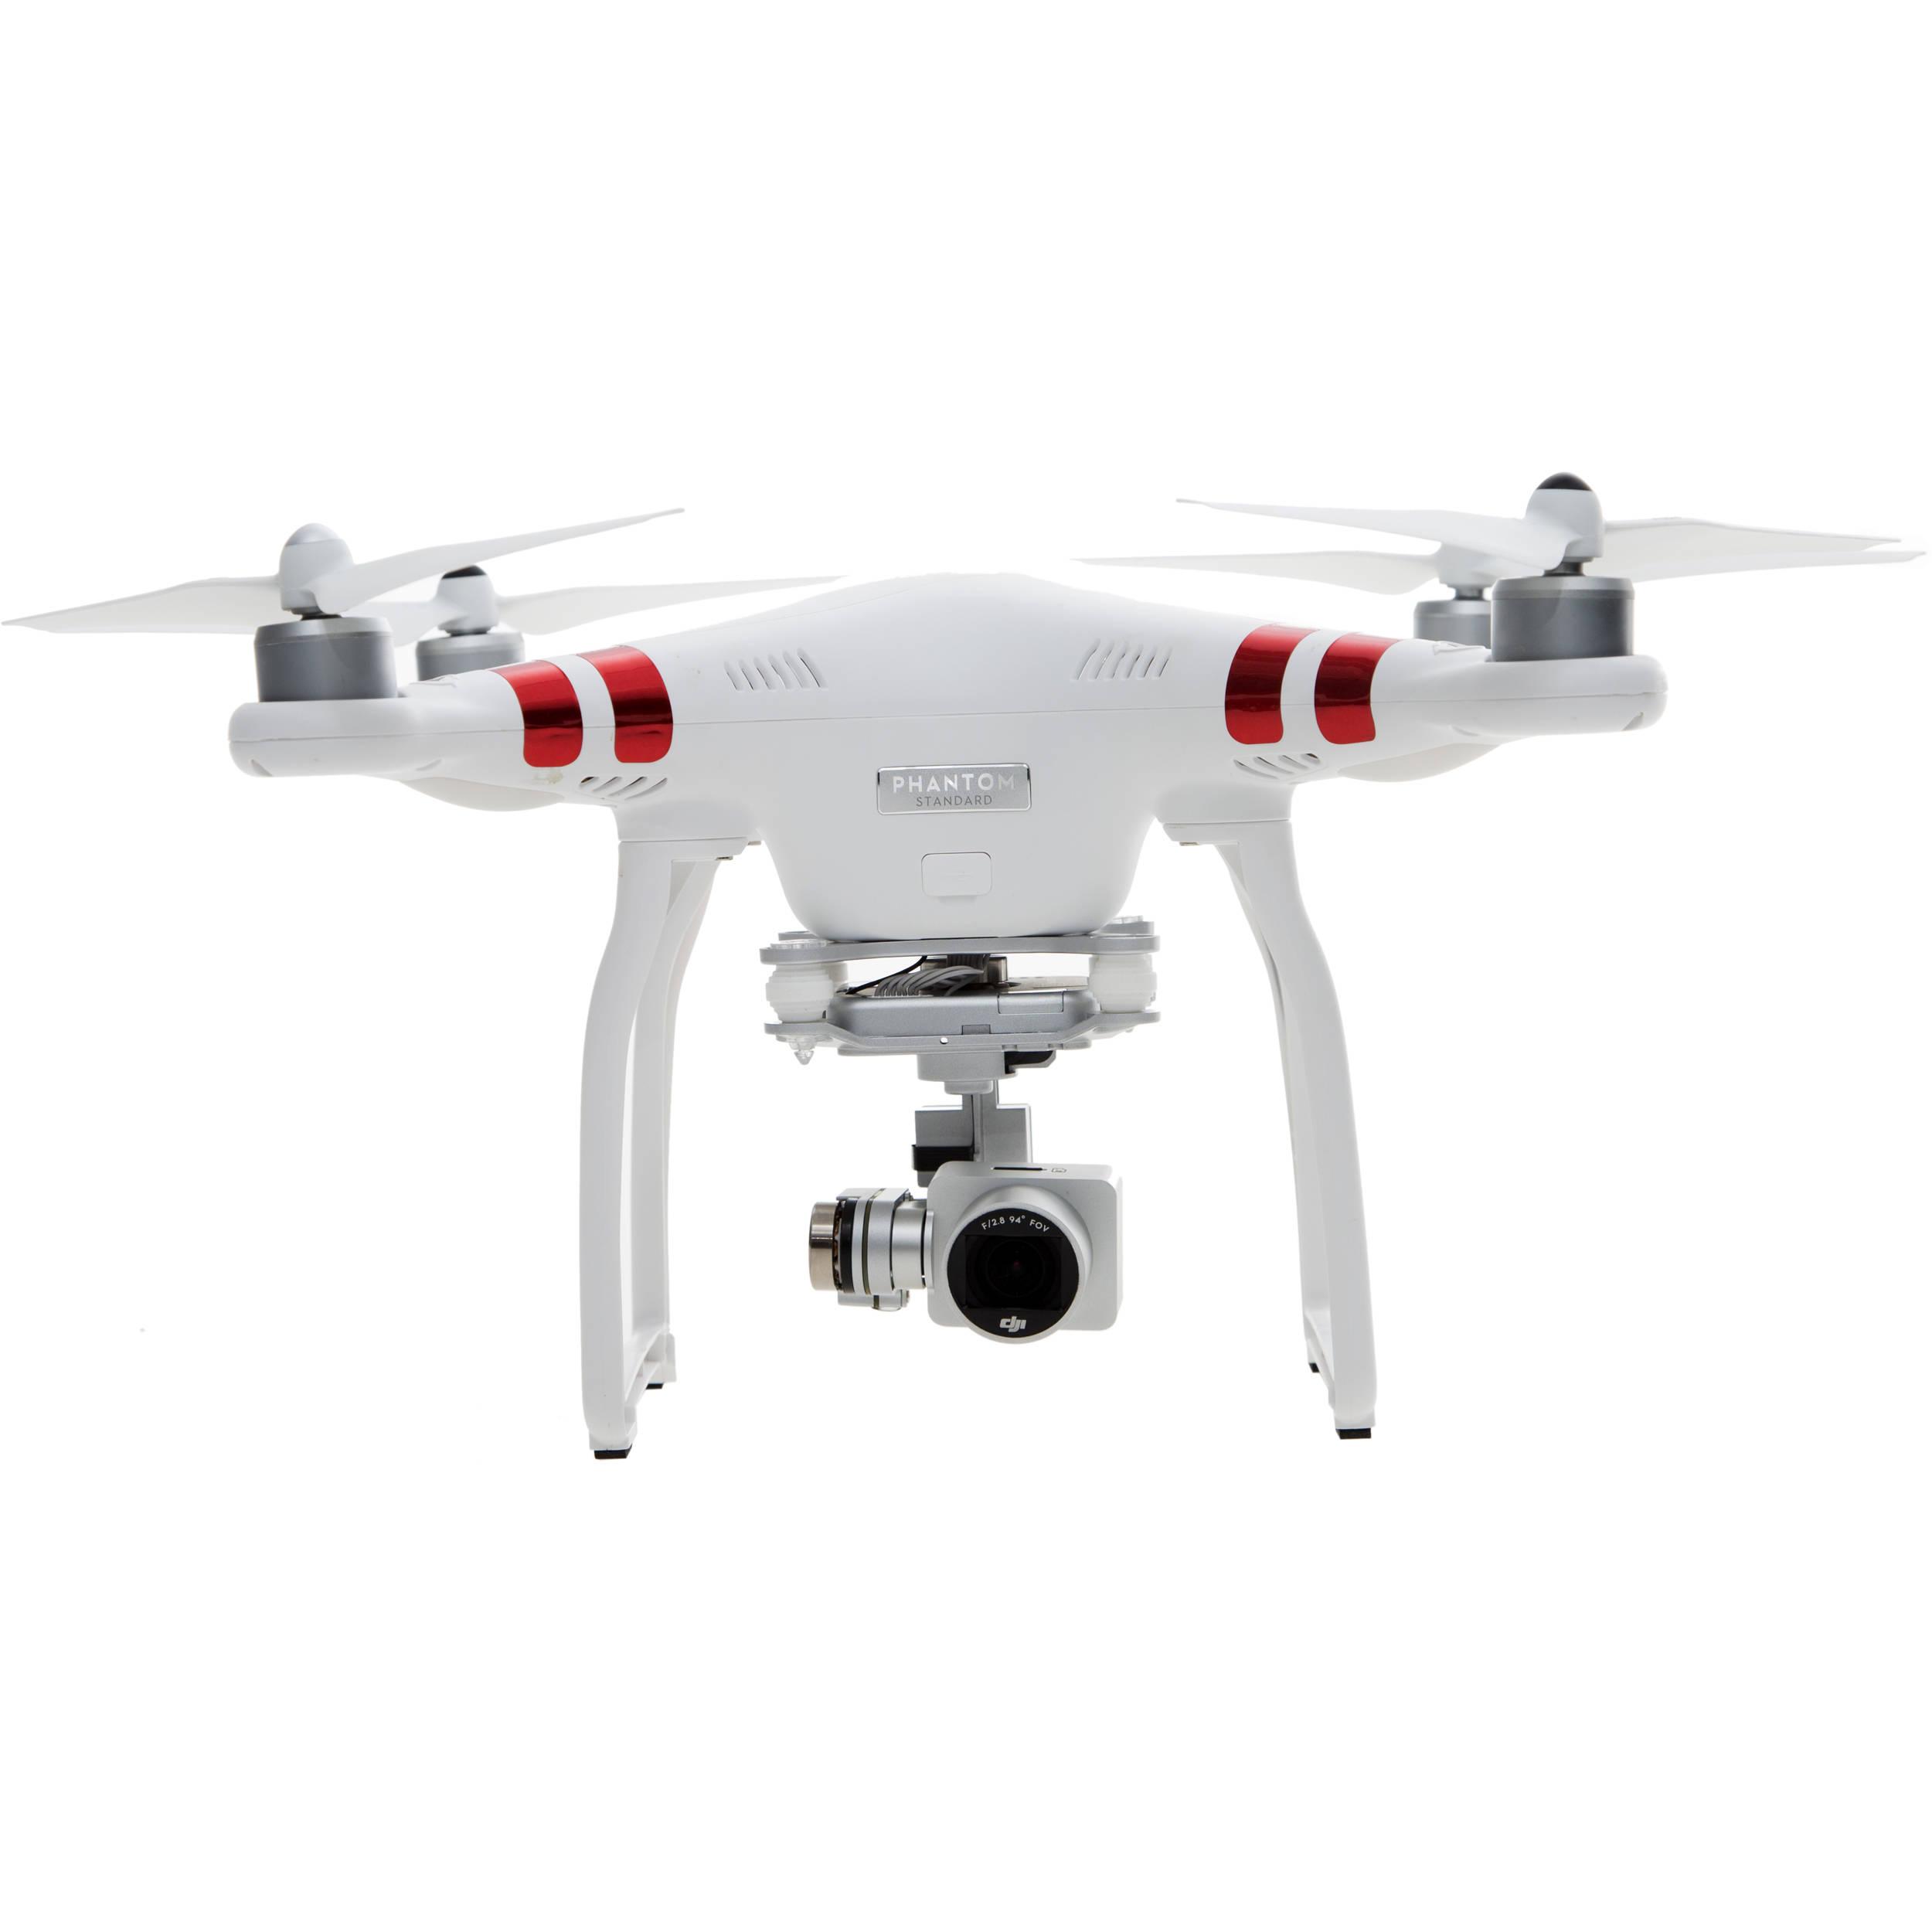 DJI Phantom 3 Quadcopter Aircraft w/ 3-Axis Gimbal & 2.7k Camera $599 - $50 - $50 - $25